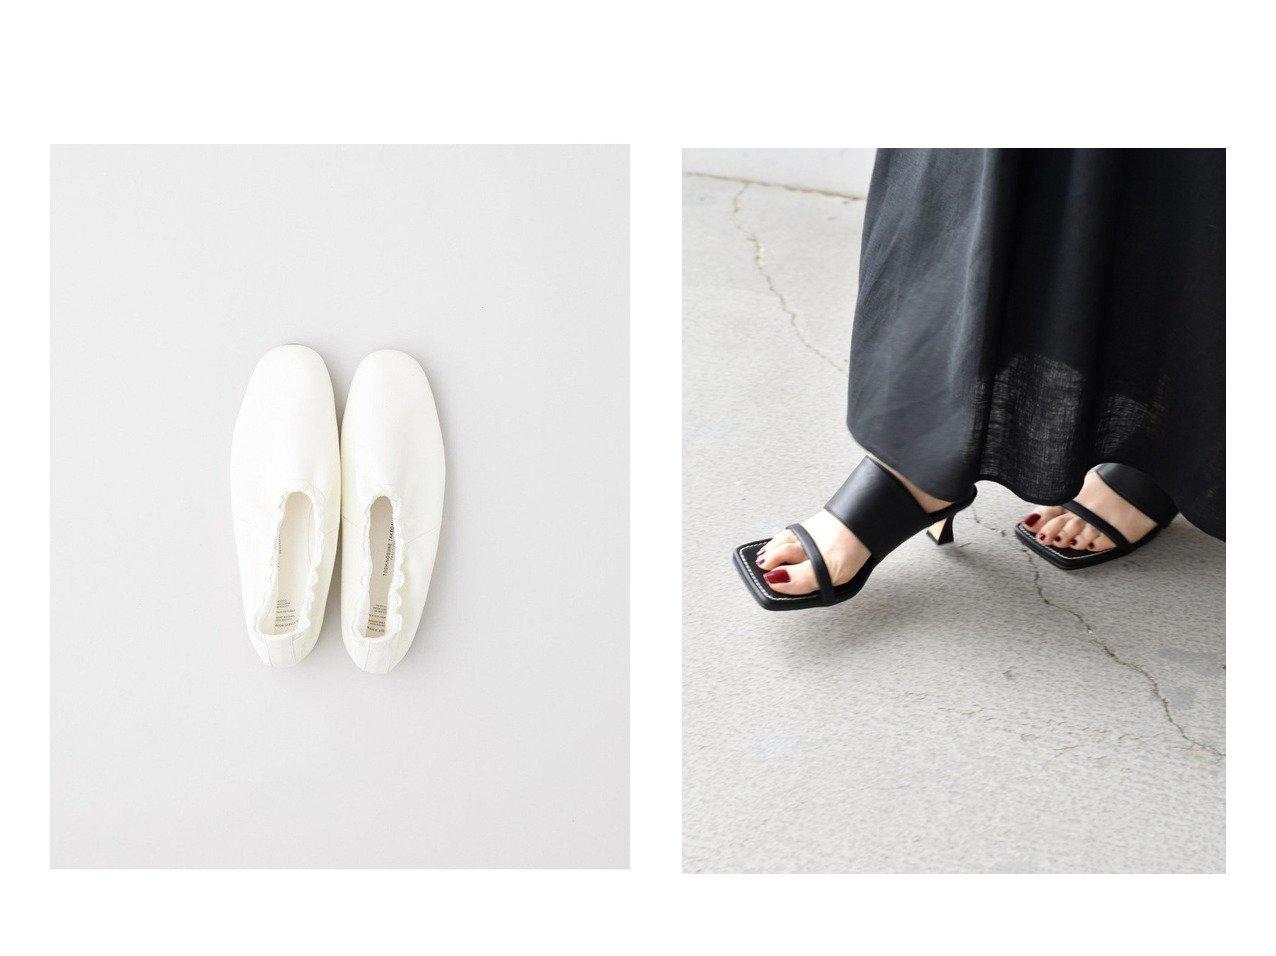 【TWW / Traditional Weatherwear/トラディショナル ウェザーウェア】の【BEAUTIFUL SHOES】BALLET SHOES&【SHIPS/シップス フォー ウィメン】のスクエアヒールサンダル 【シューズ・靴】おすすめ!人気、トレンド・レディースファッションの通販 おすすめで人気の流行・トレンド、ファッションの通販商品 インテリア・家具・メンズファッション・キッズファッション・レディースファッション・服の通販 founy(ファニー) https://founy.com/ ファッション Fashion レディースファッション WOMEN インソール クッション シューズ 人気 バレエ ライニング サンダル トレンド マキシ ミュール ラップ  ID:crp329100000048161